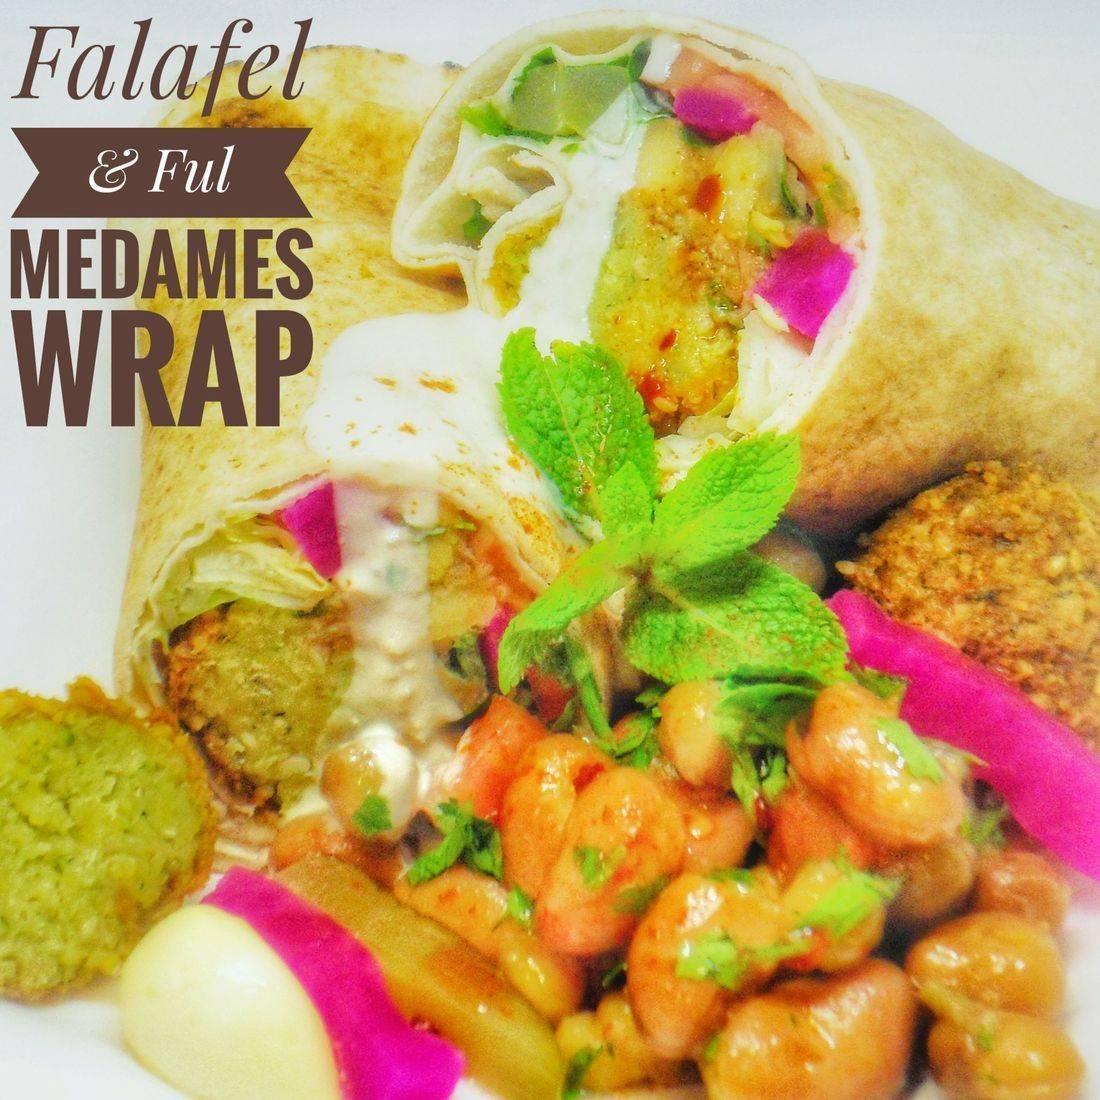 Falafel & Ful Medames Wrap